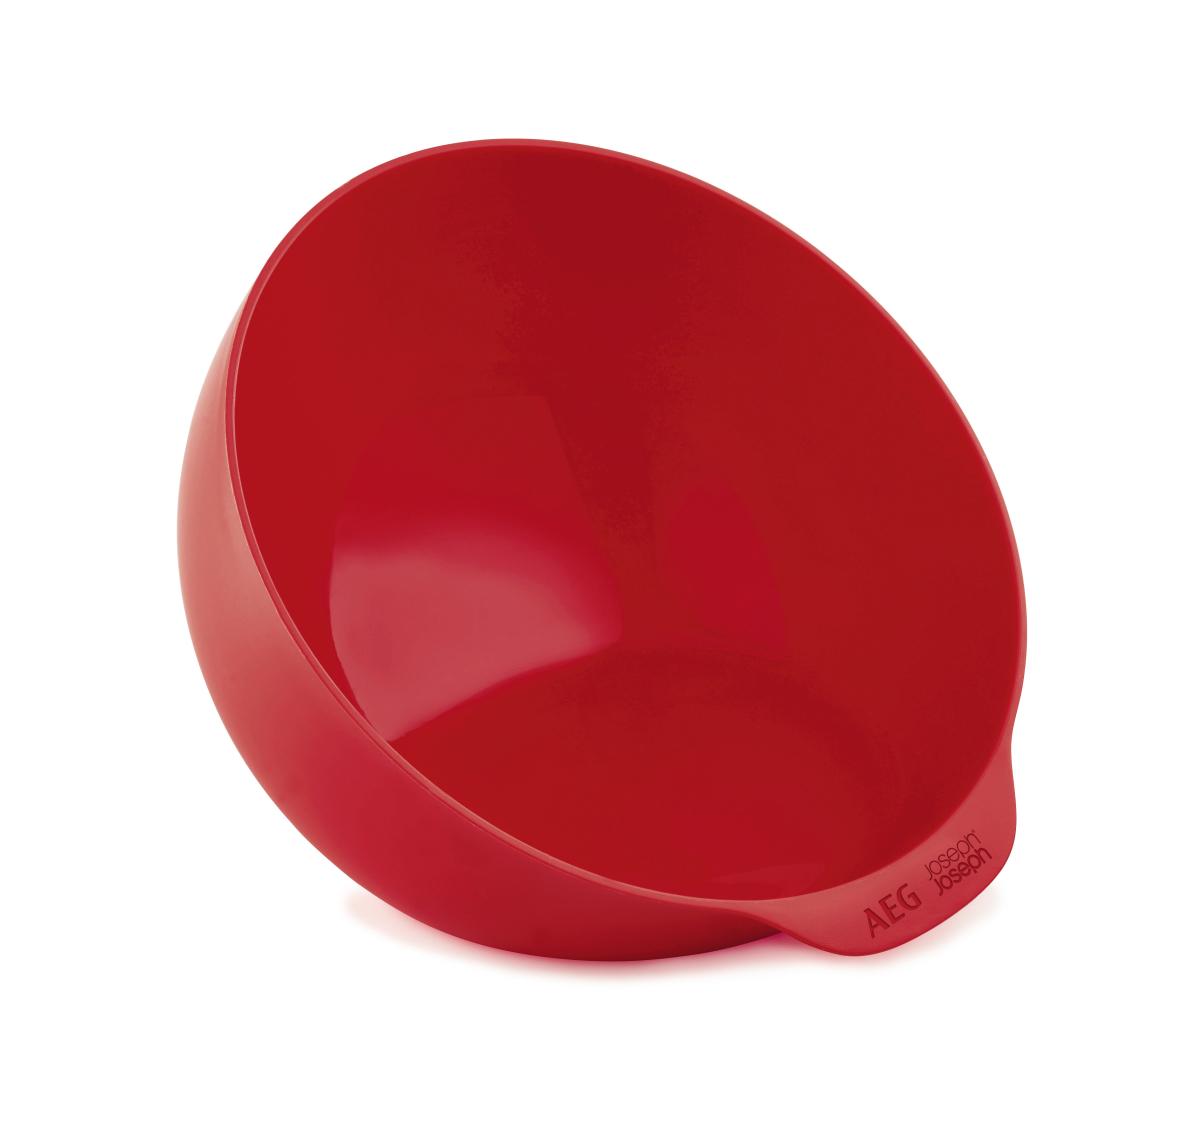 AEG A9MBOML Mikrowelle Omelett Schüssel, rot